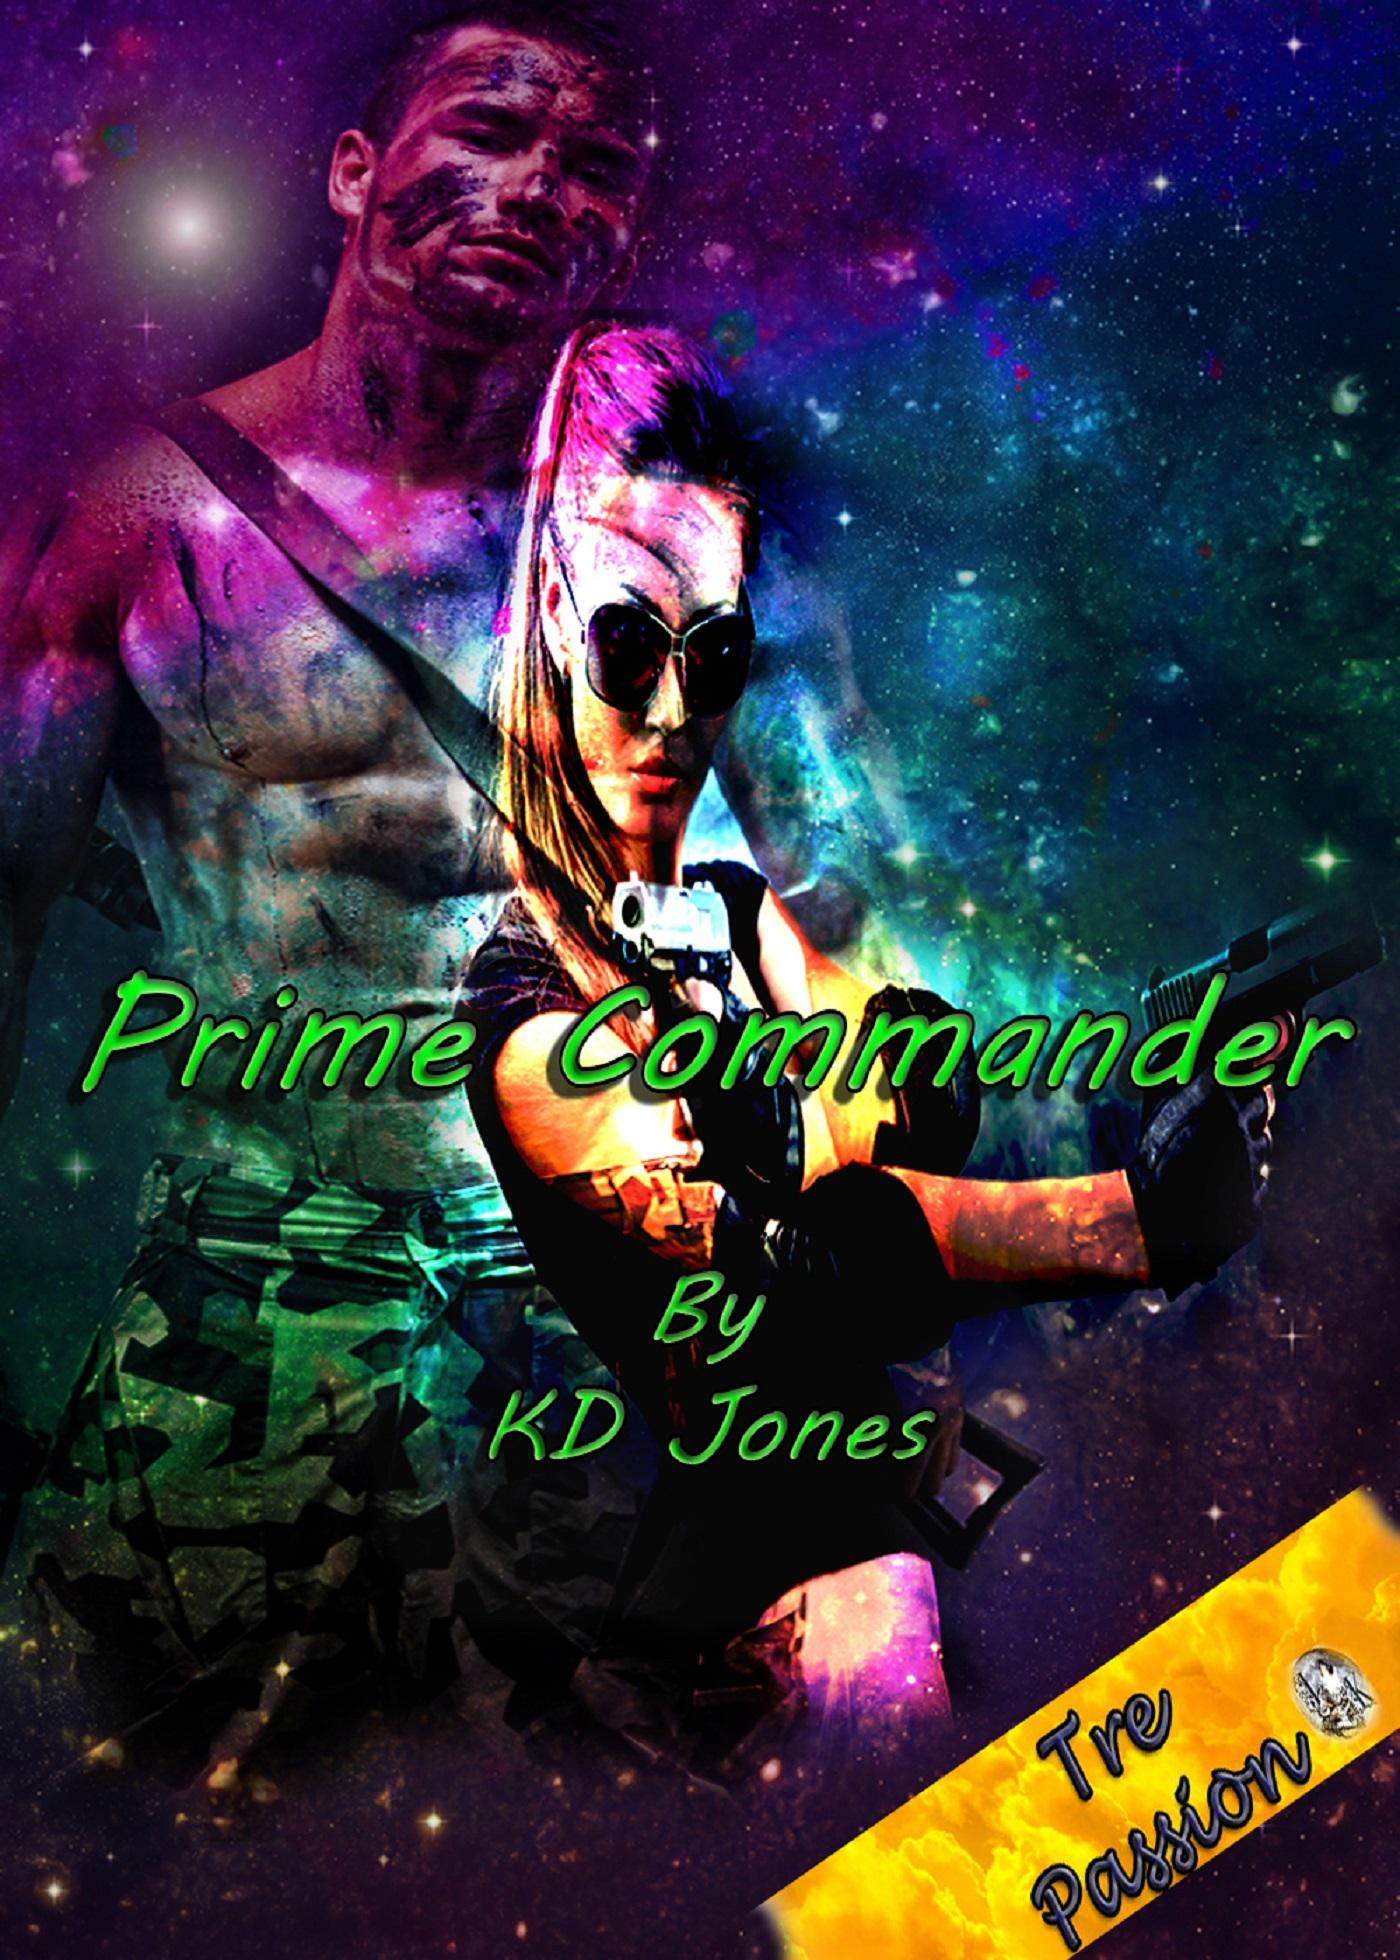 K.D. Jones - Prime Commander